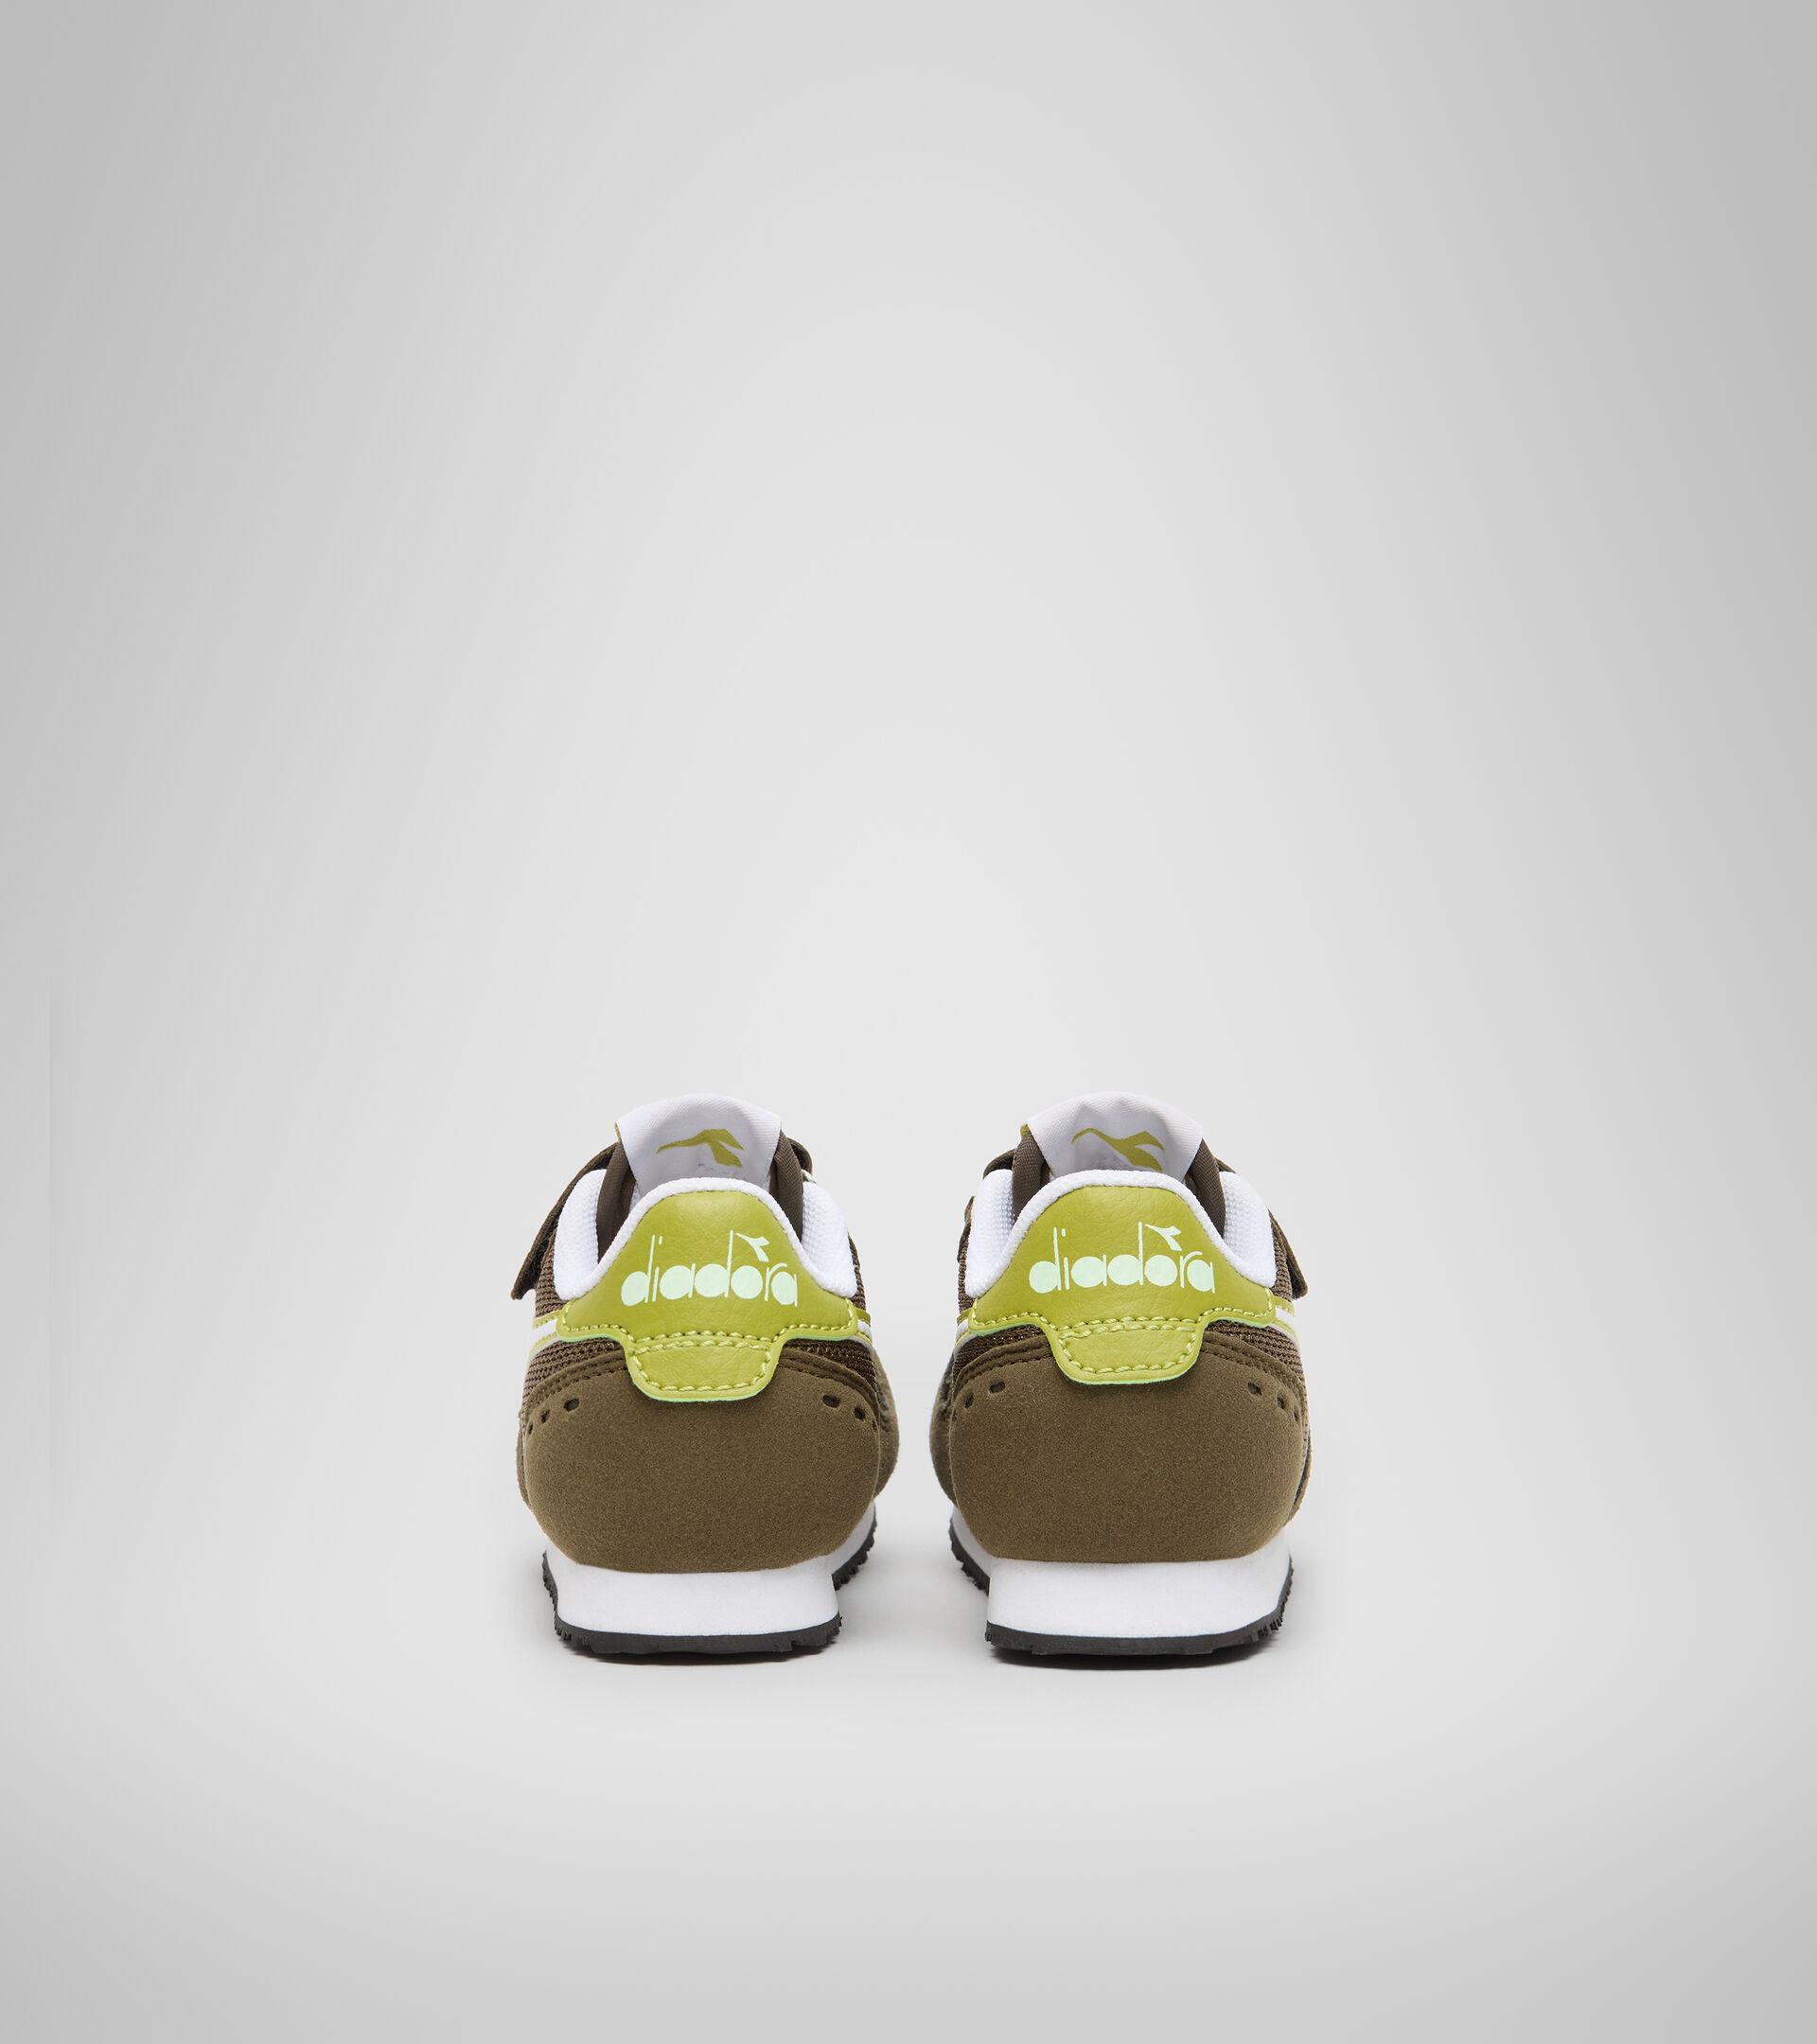 Zapatilla deportiva - Niños pequeños 1-4 años SIMPLE RUN TD OLIVA OSCURA - Diadora